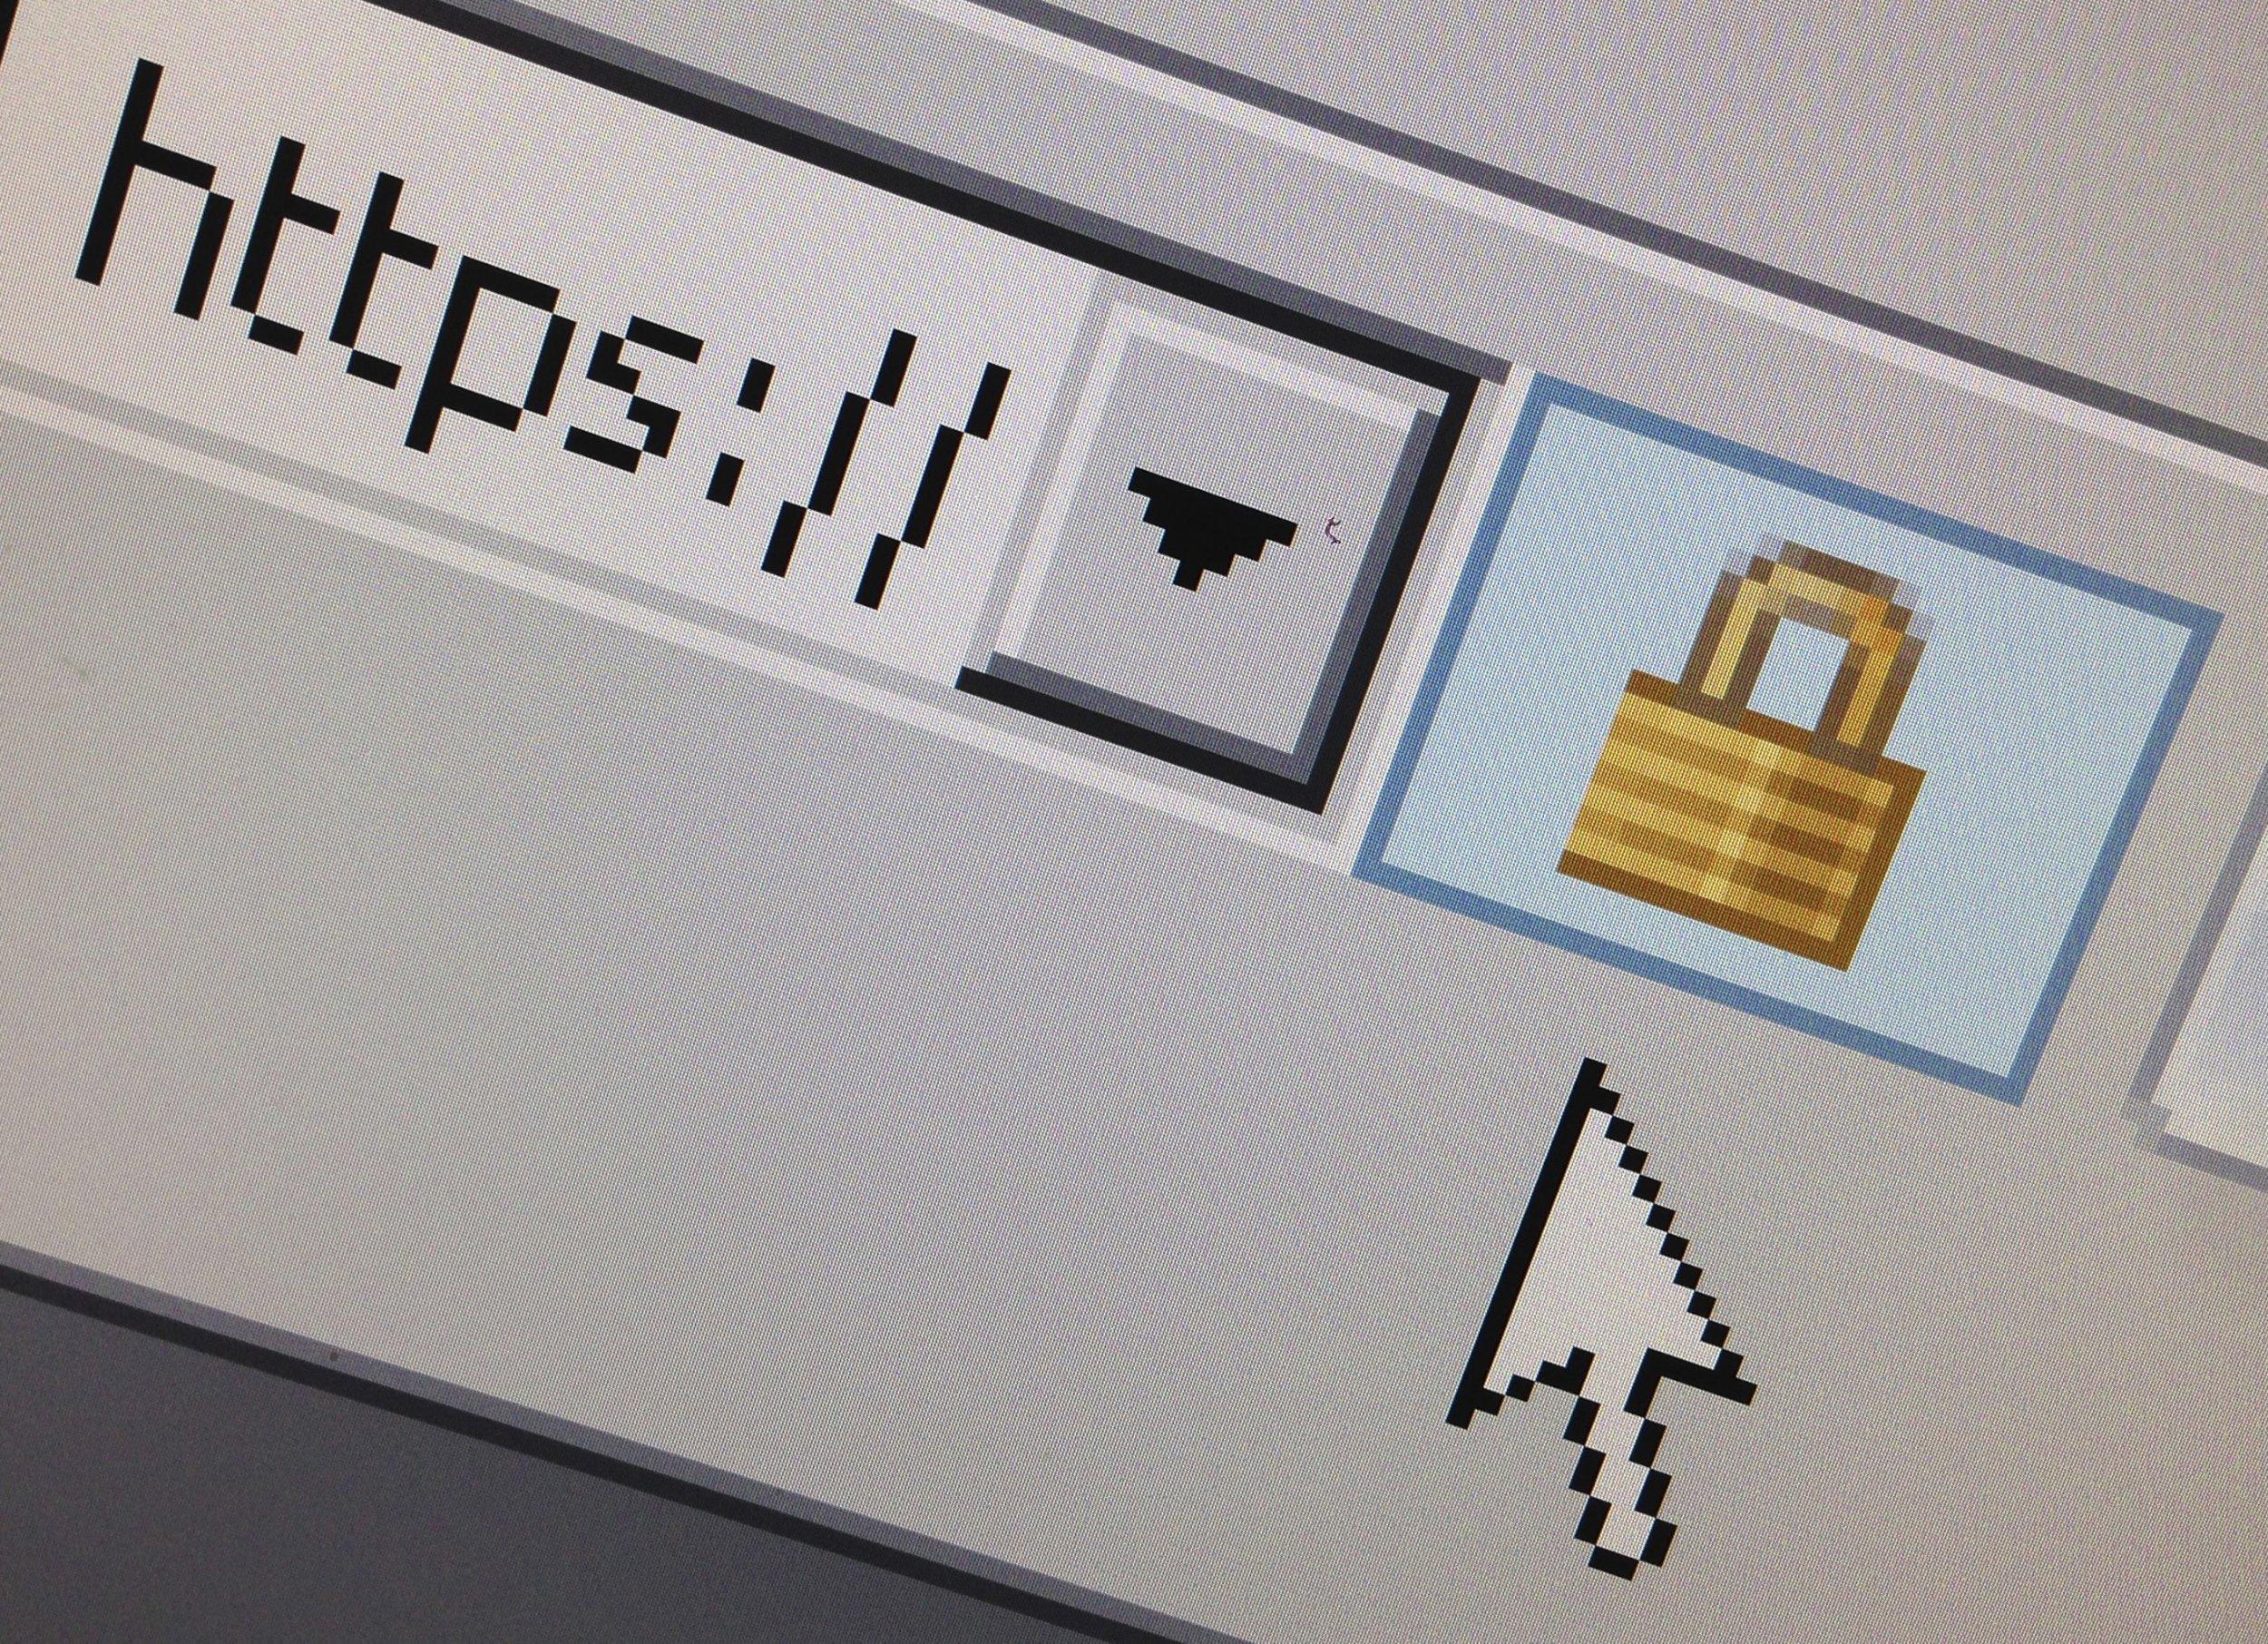 02_17_encryption_01